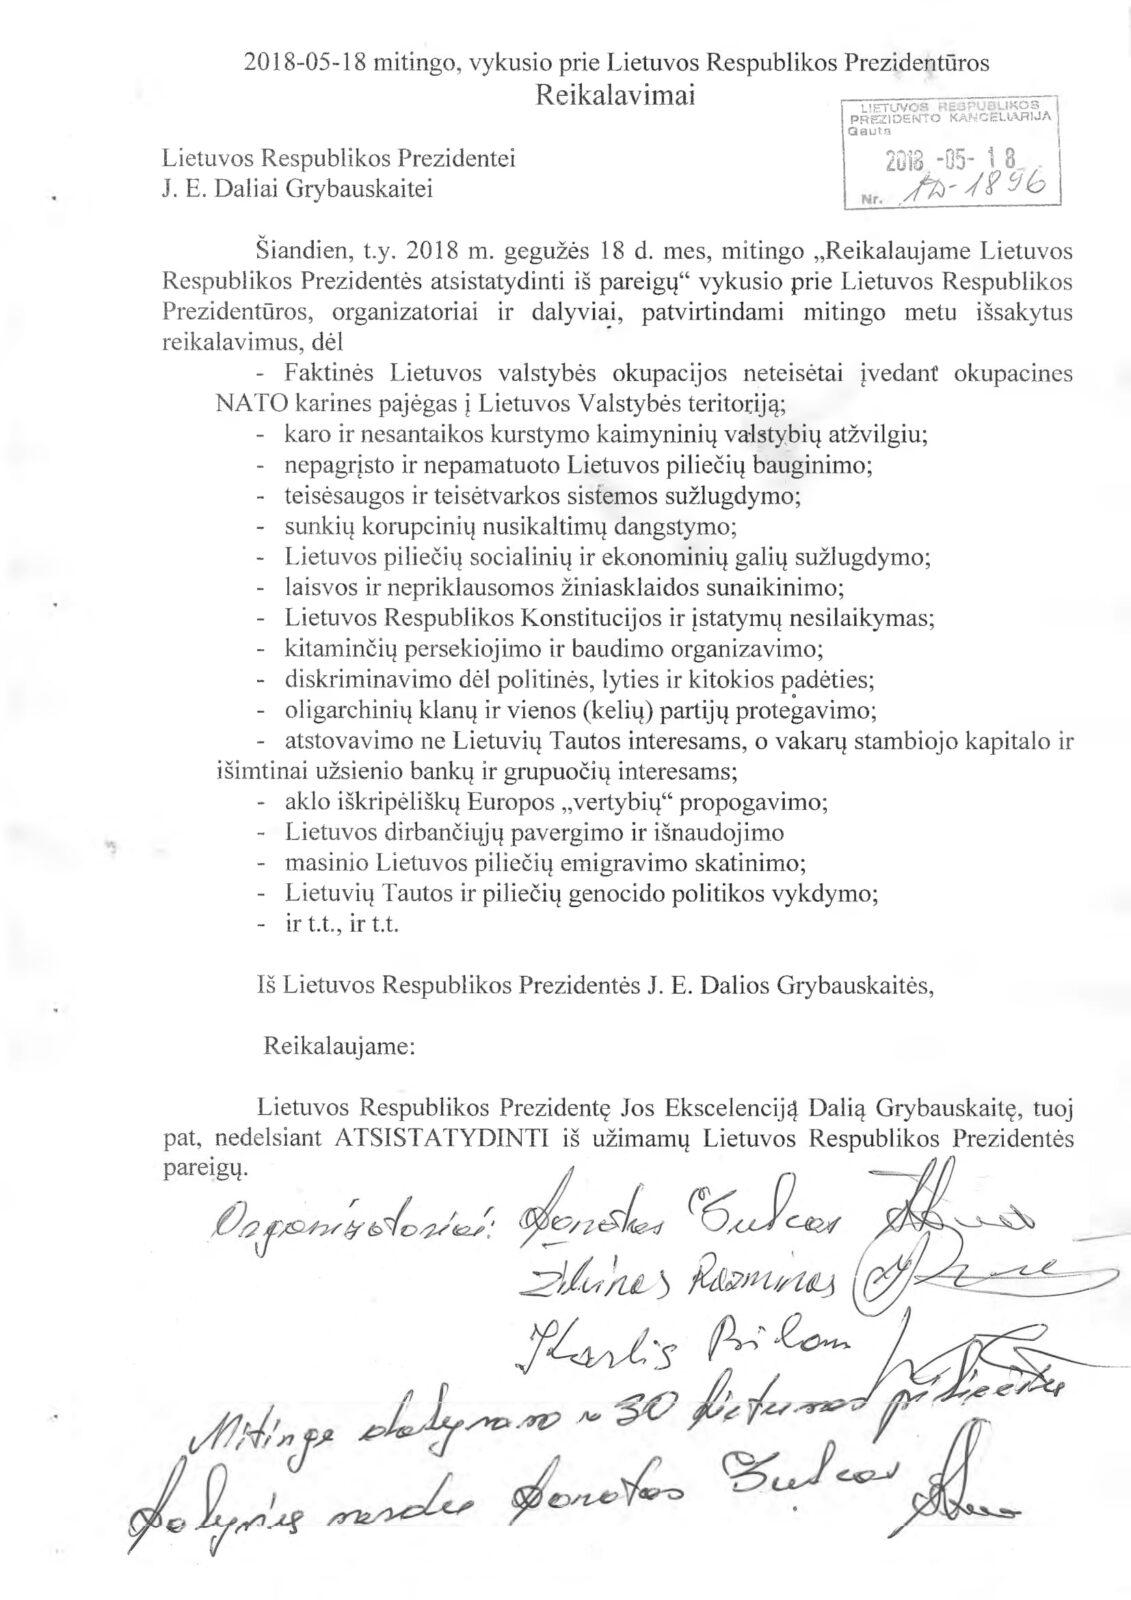 Žmonės reikalauja atstatydinti Dalią Grybauskaitę